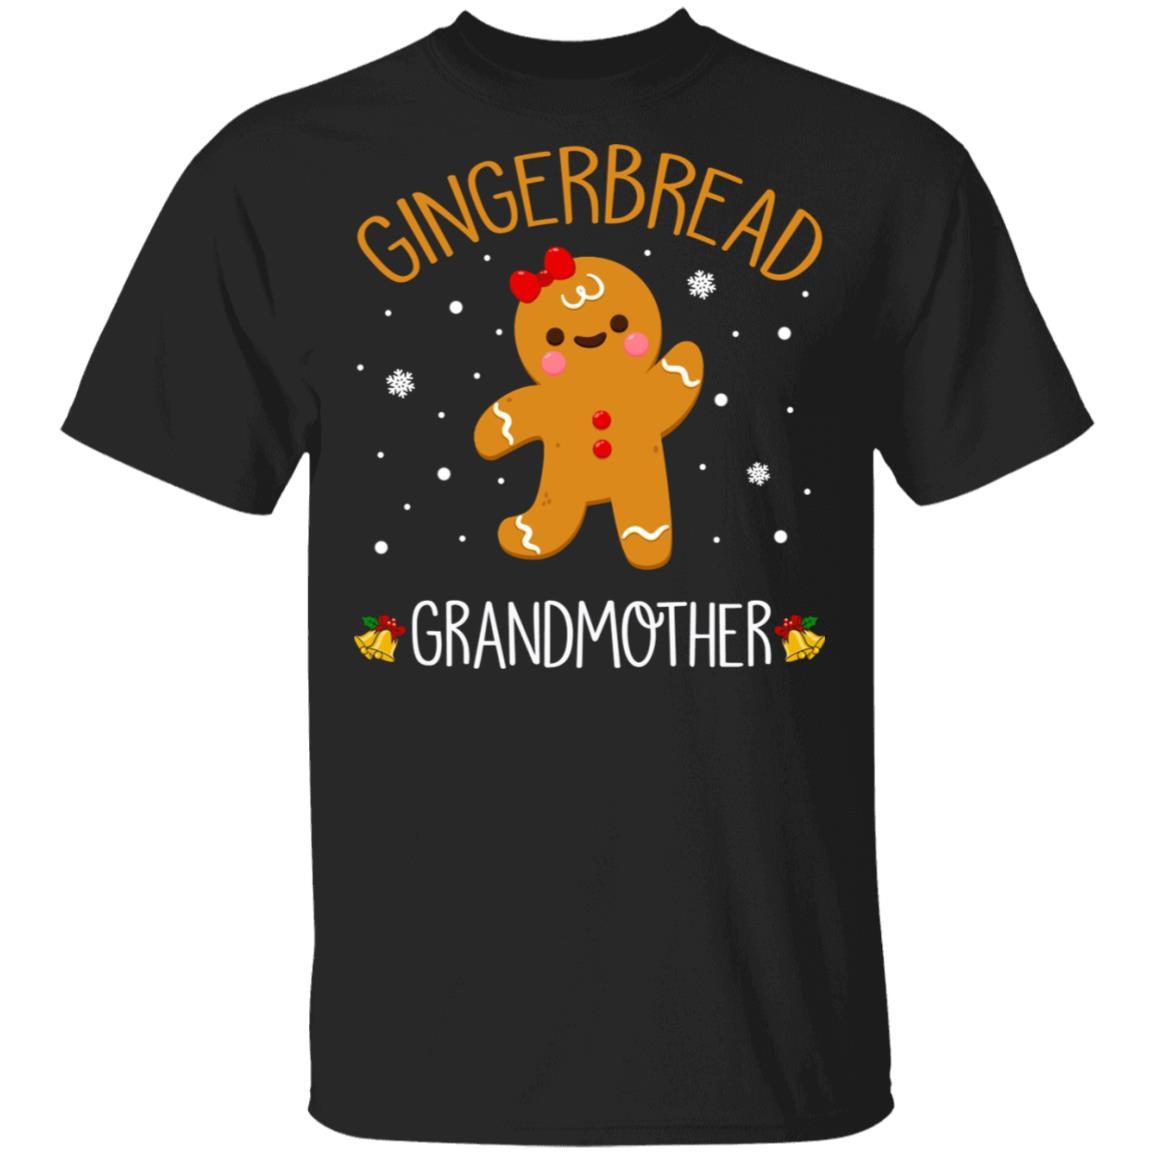 Gingerbread Men Grandmother Christmas Family Unisex Short Sleeve